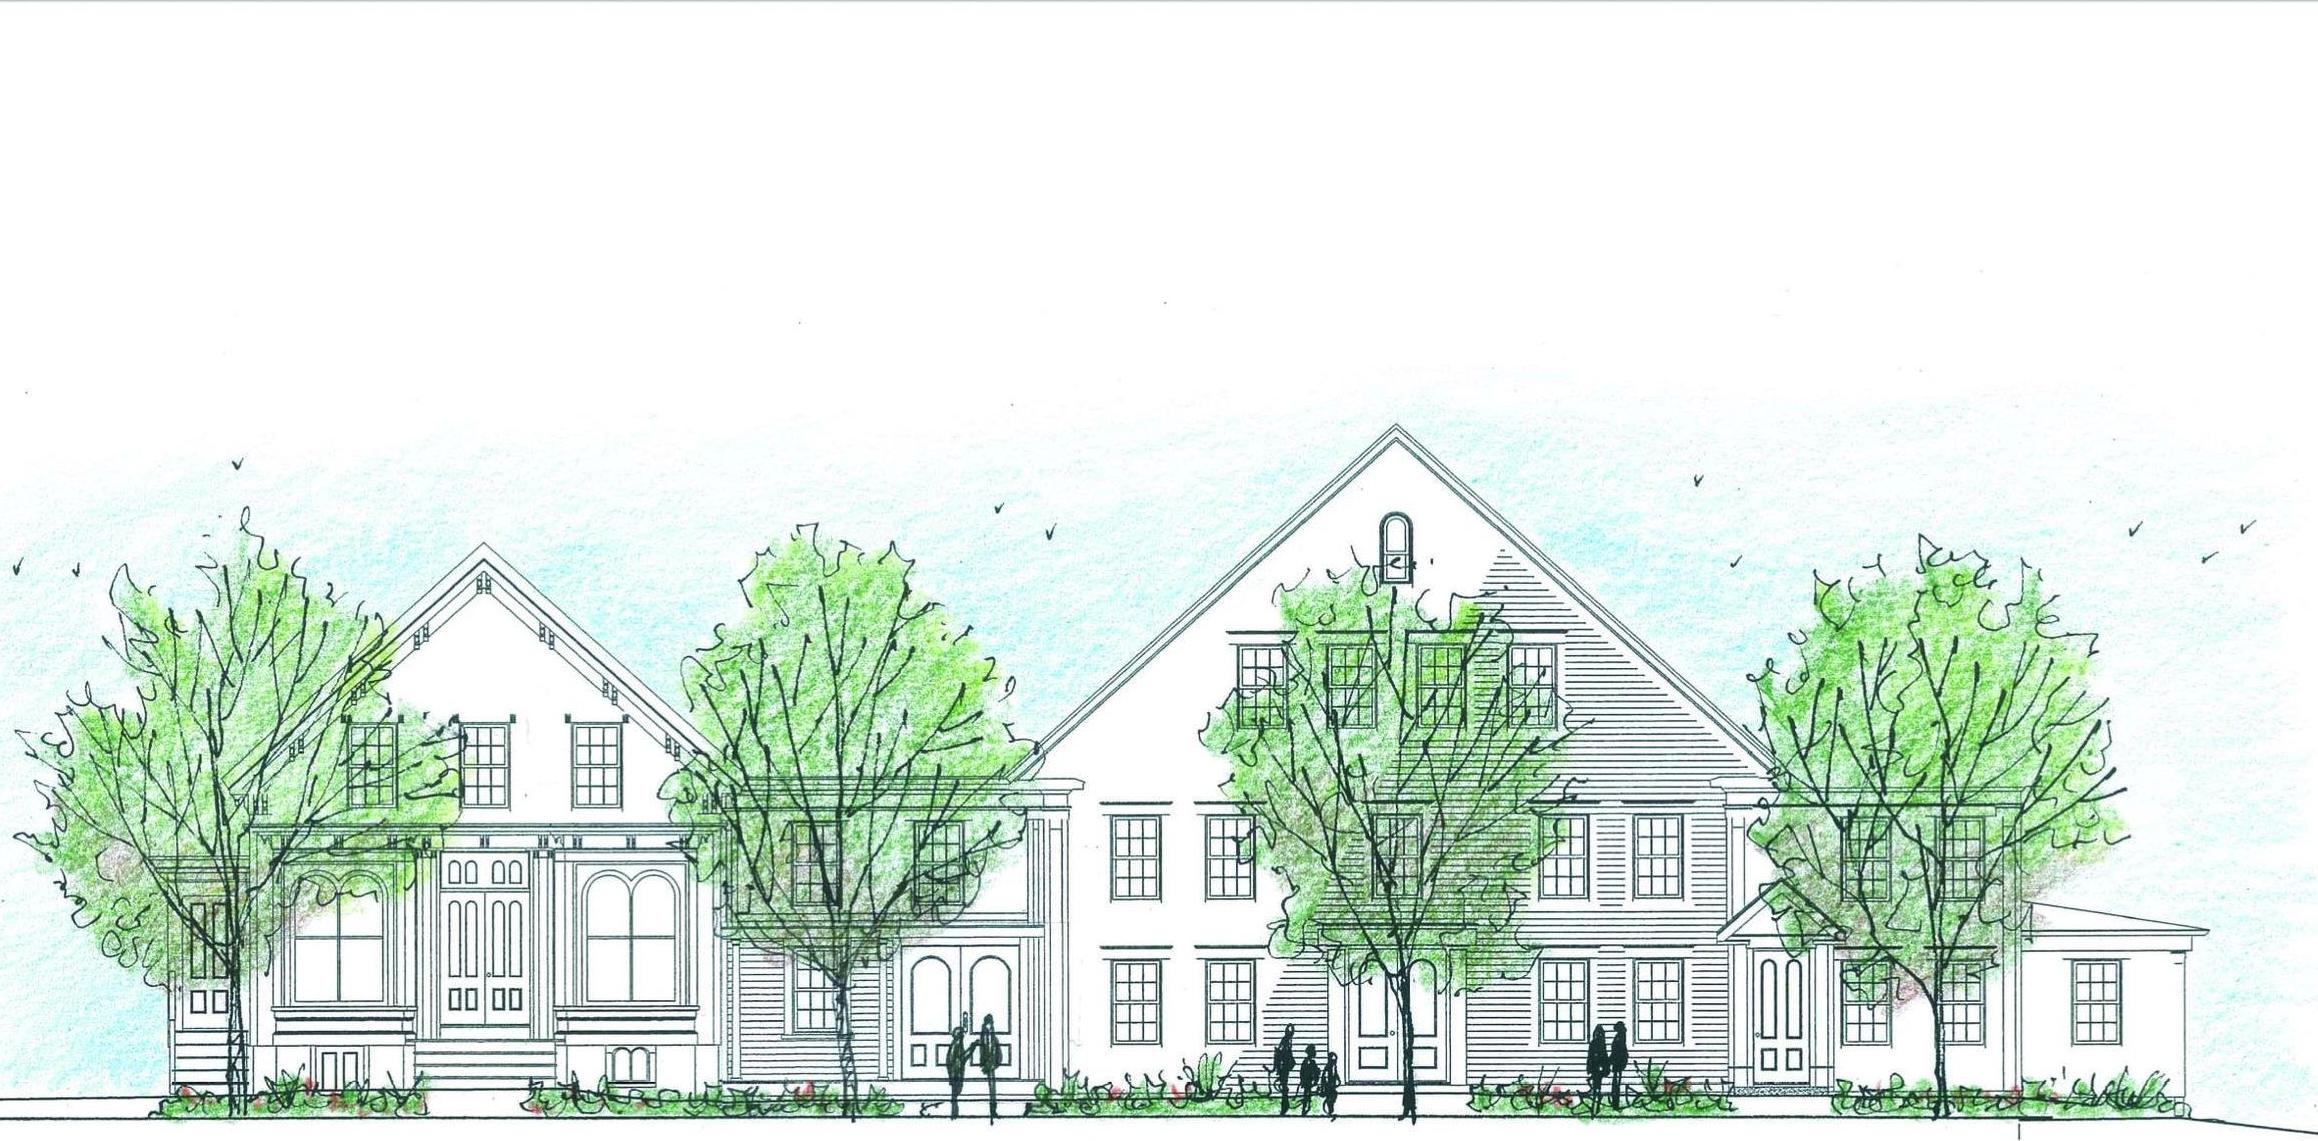 Conceptual site plan, Martha Lyon Landscape Architecture, LLC, 2015